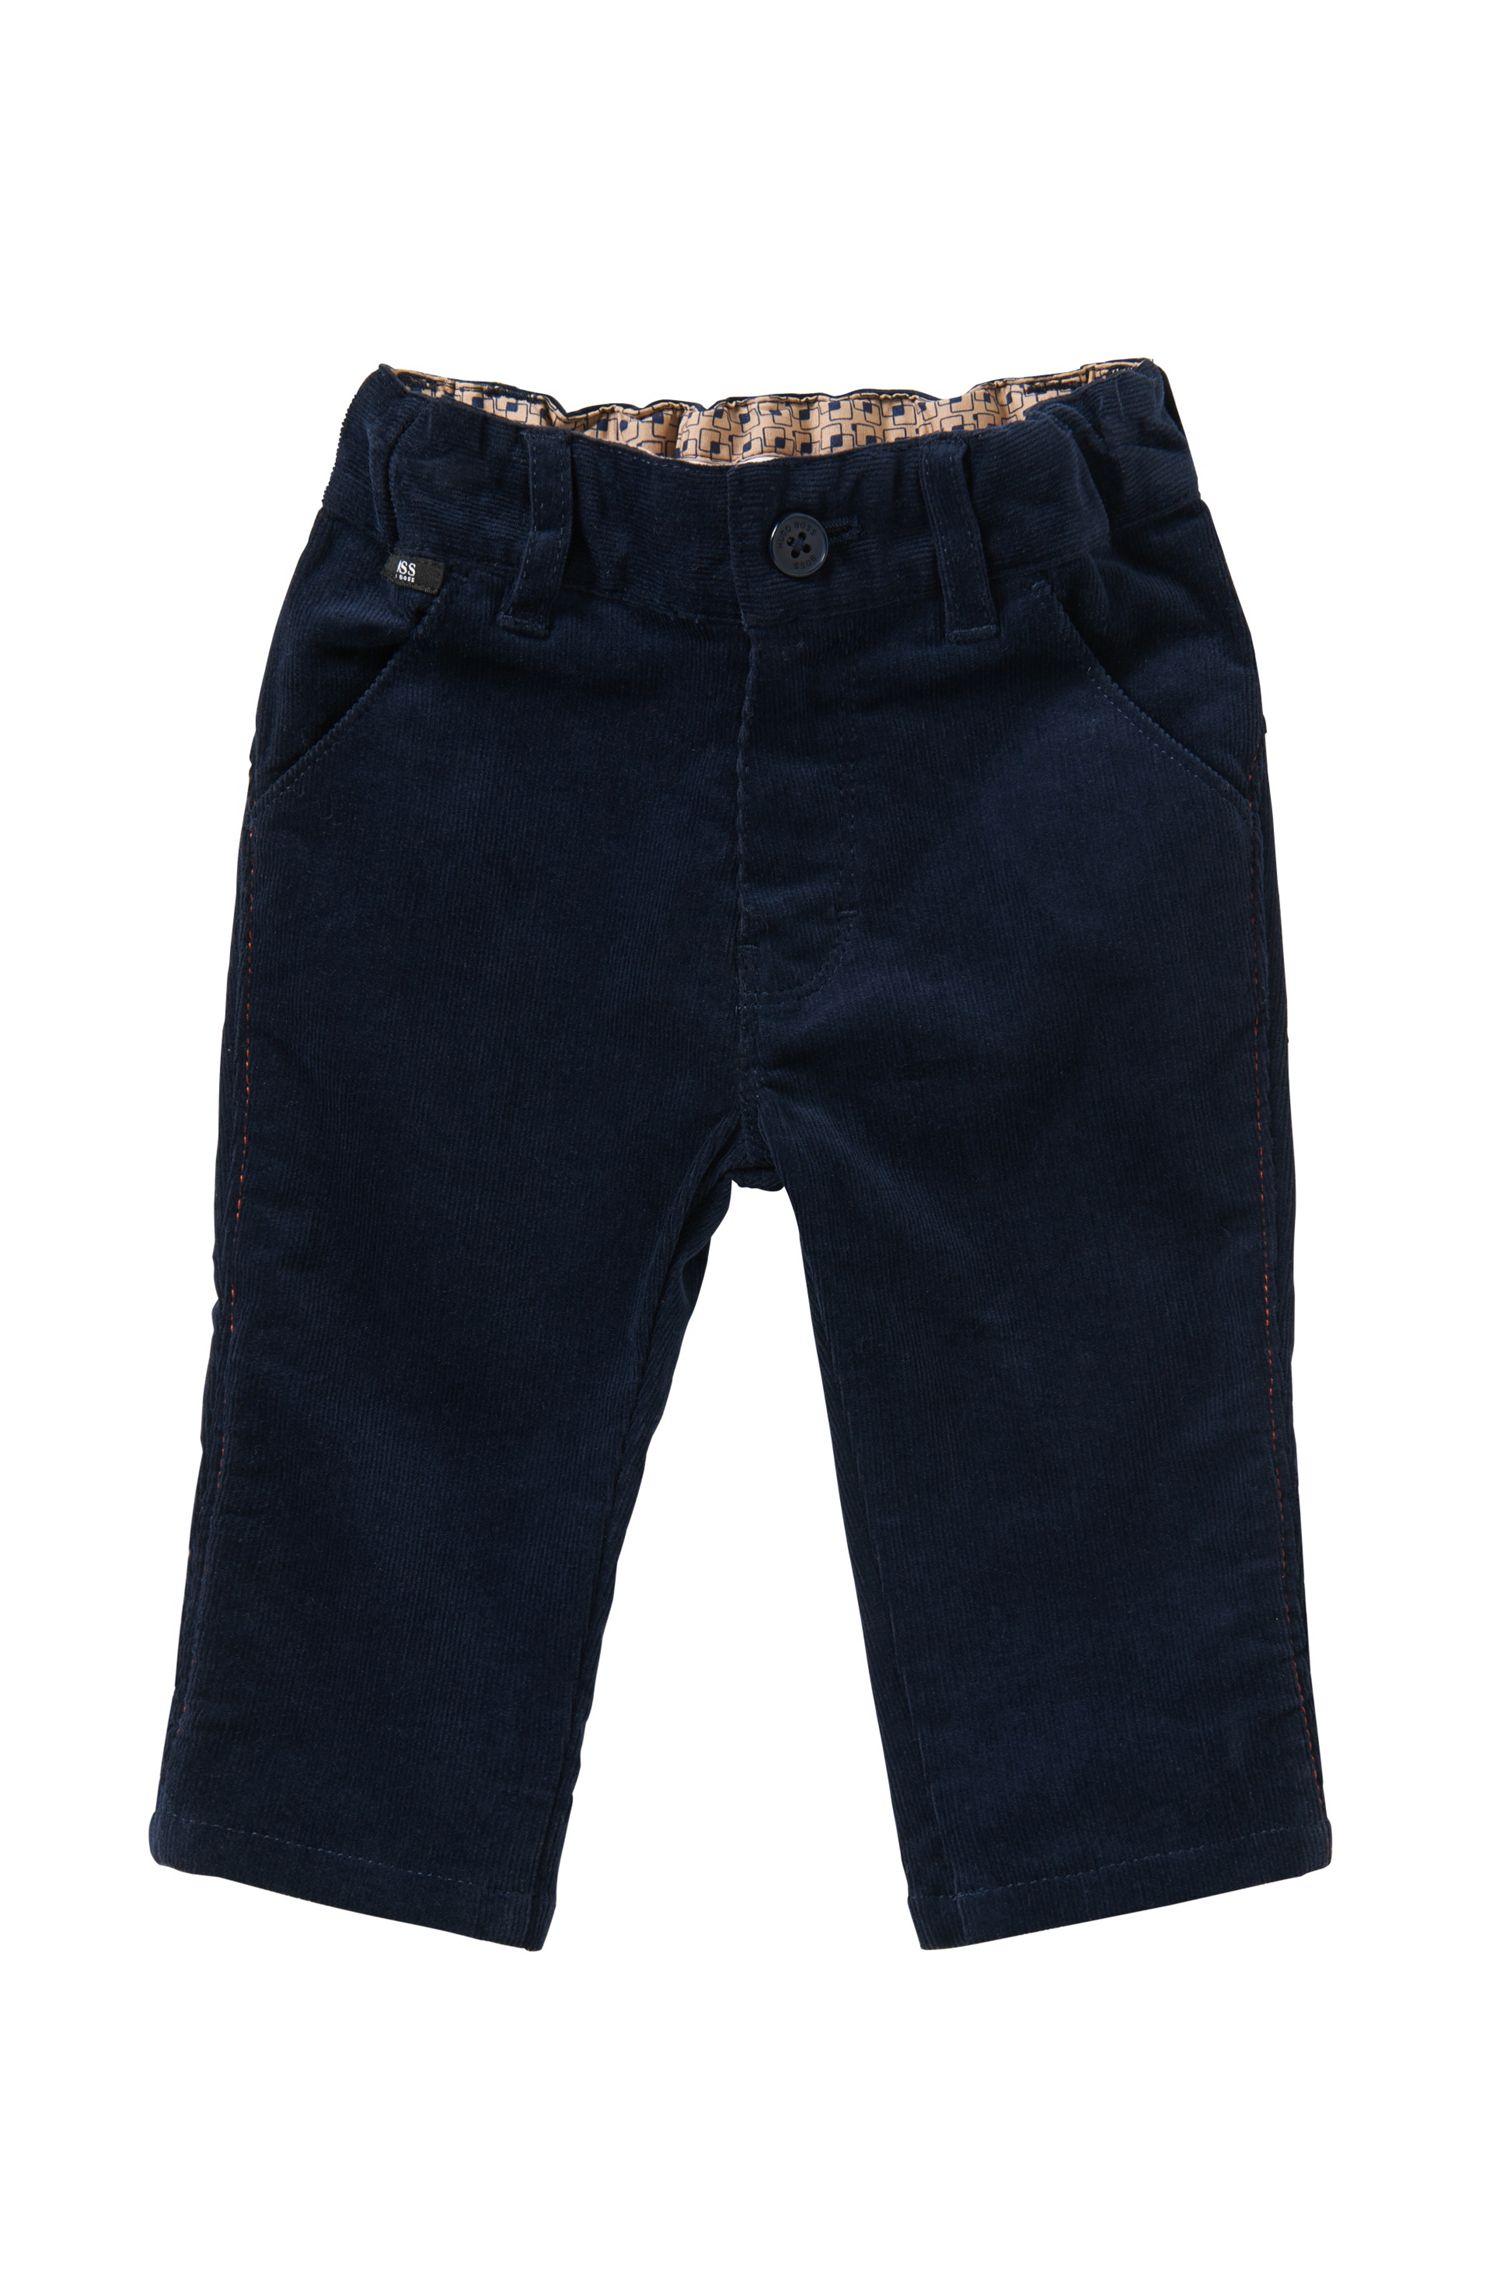 Pantalon en velours côtelé en coton extensible pour bébés: «J04199»